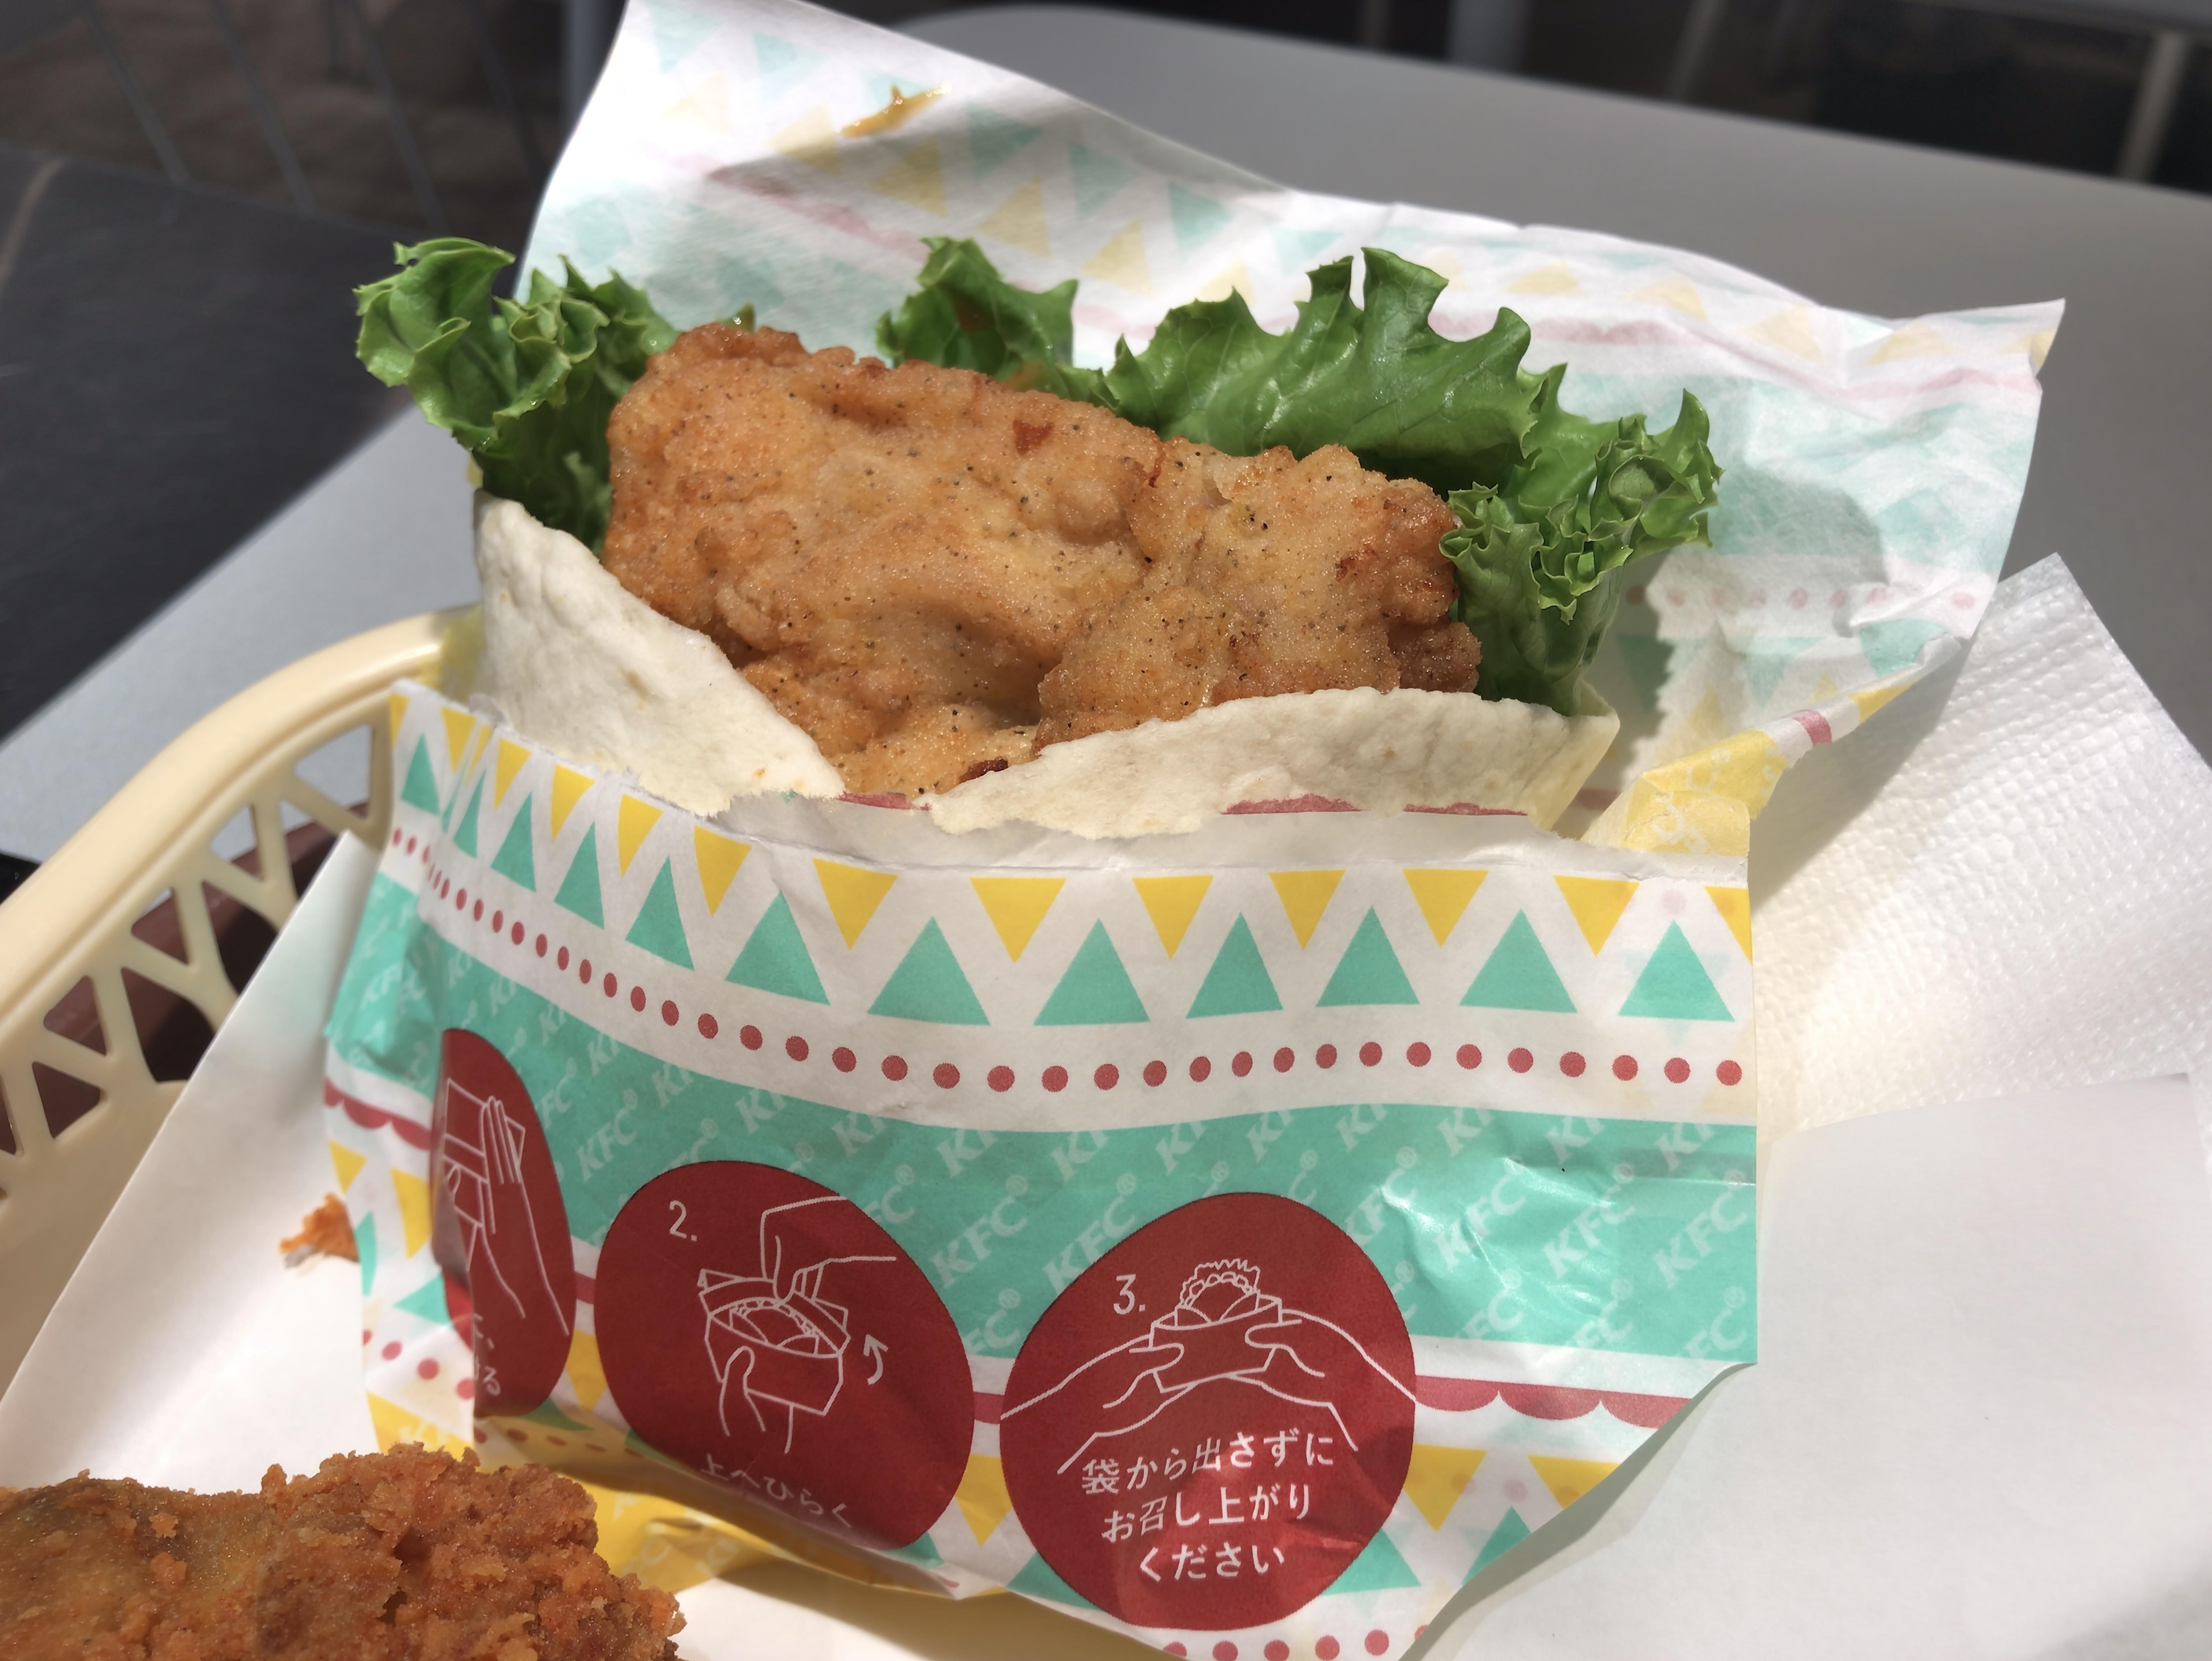 [KFC][スパイシー][チキンラップ][ムチョス][税込み490円][443kcal]